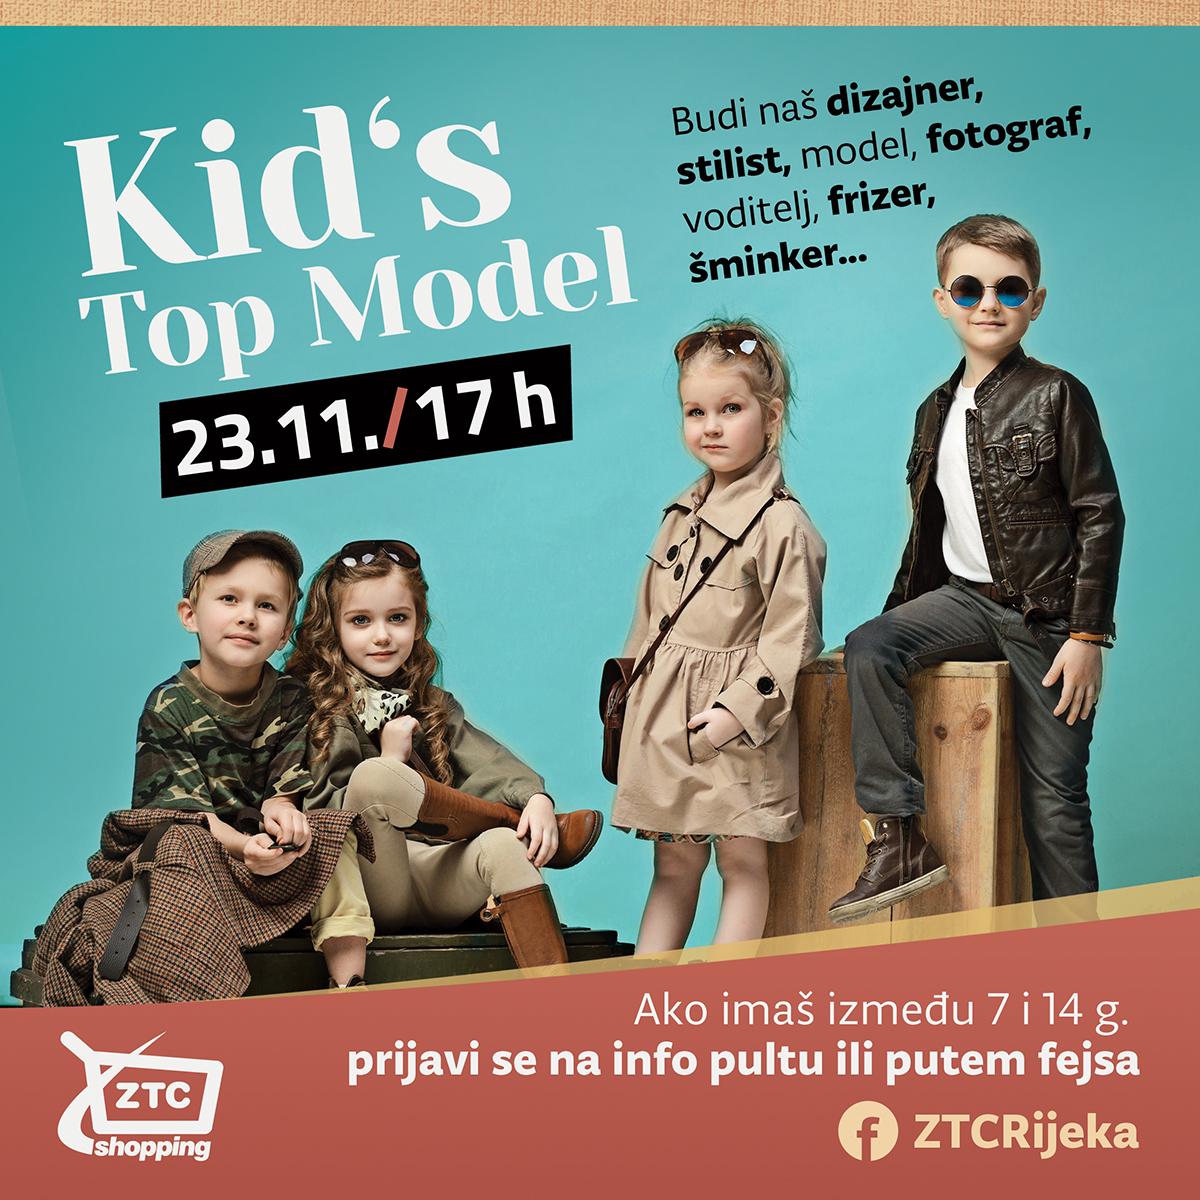 Kid's Top Model se vraća u Zapadni trgovački centar!